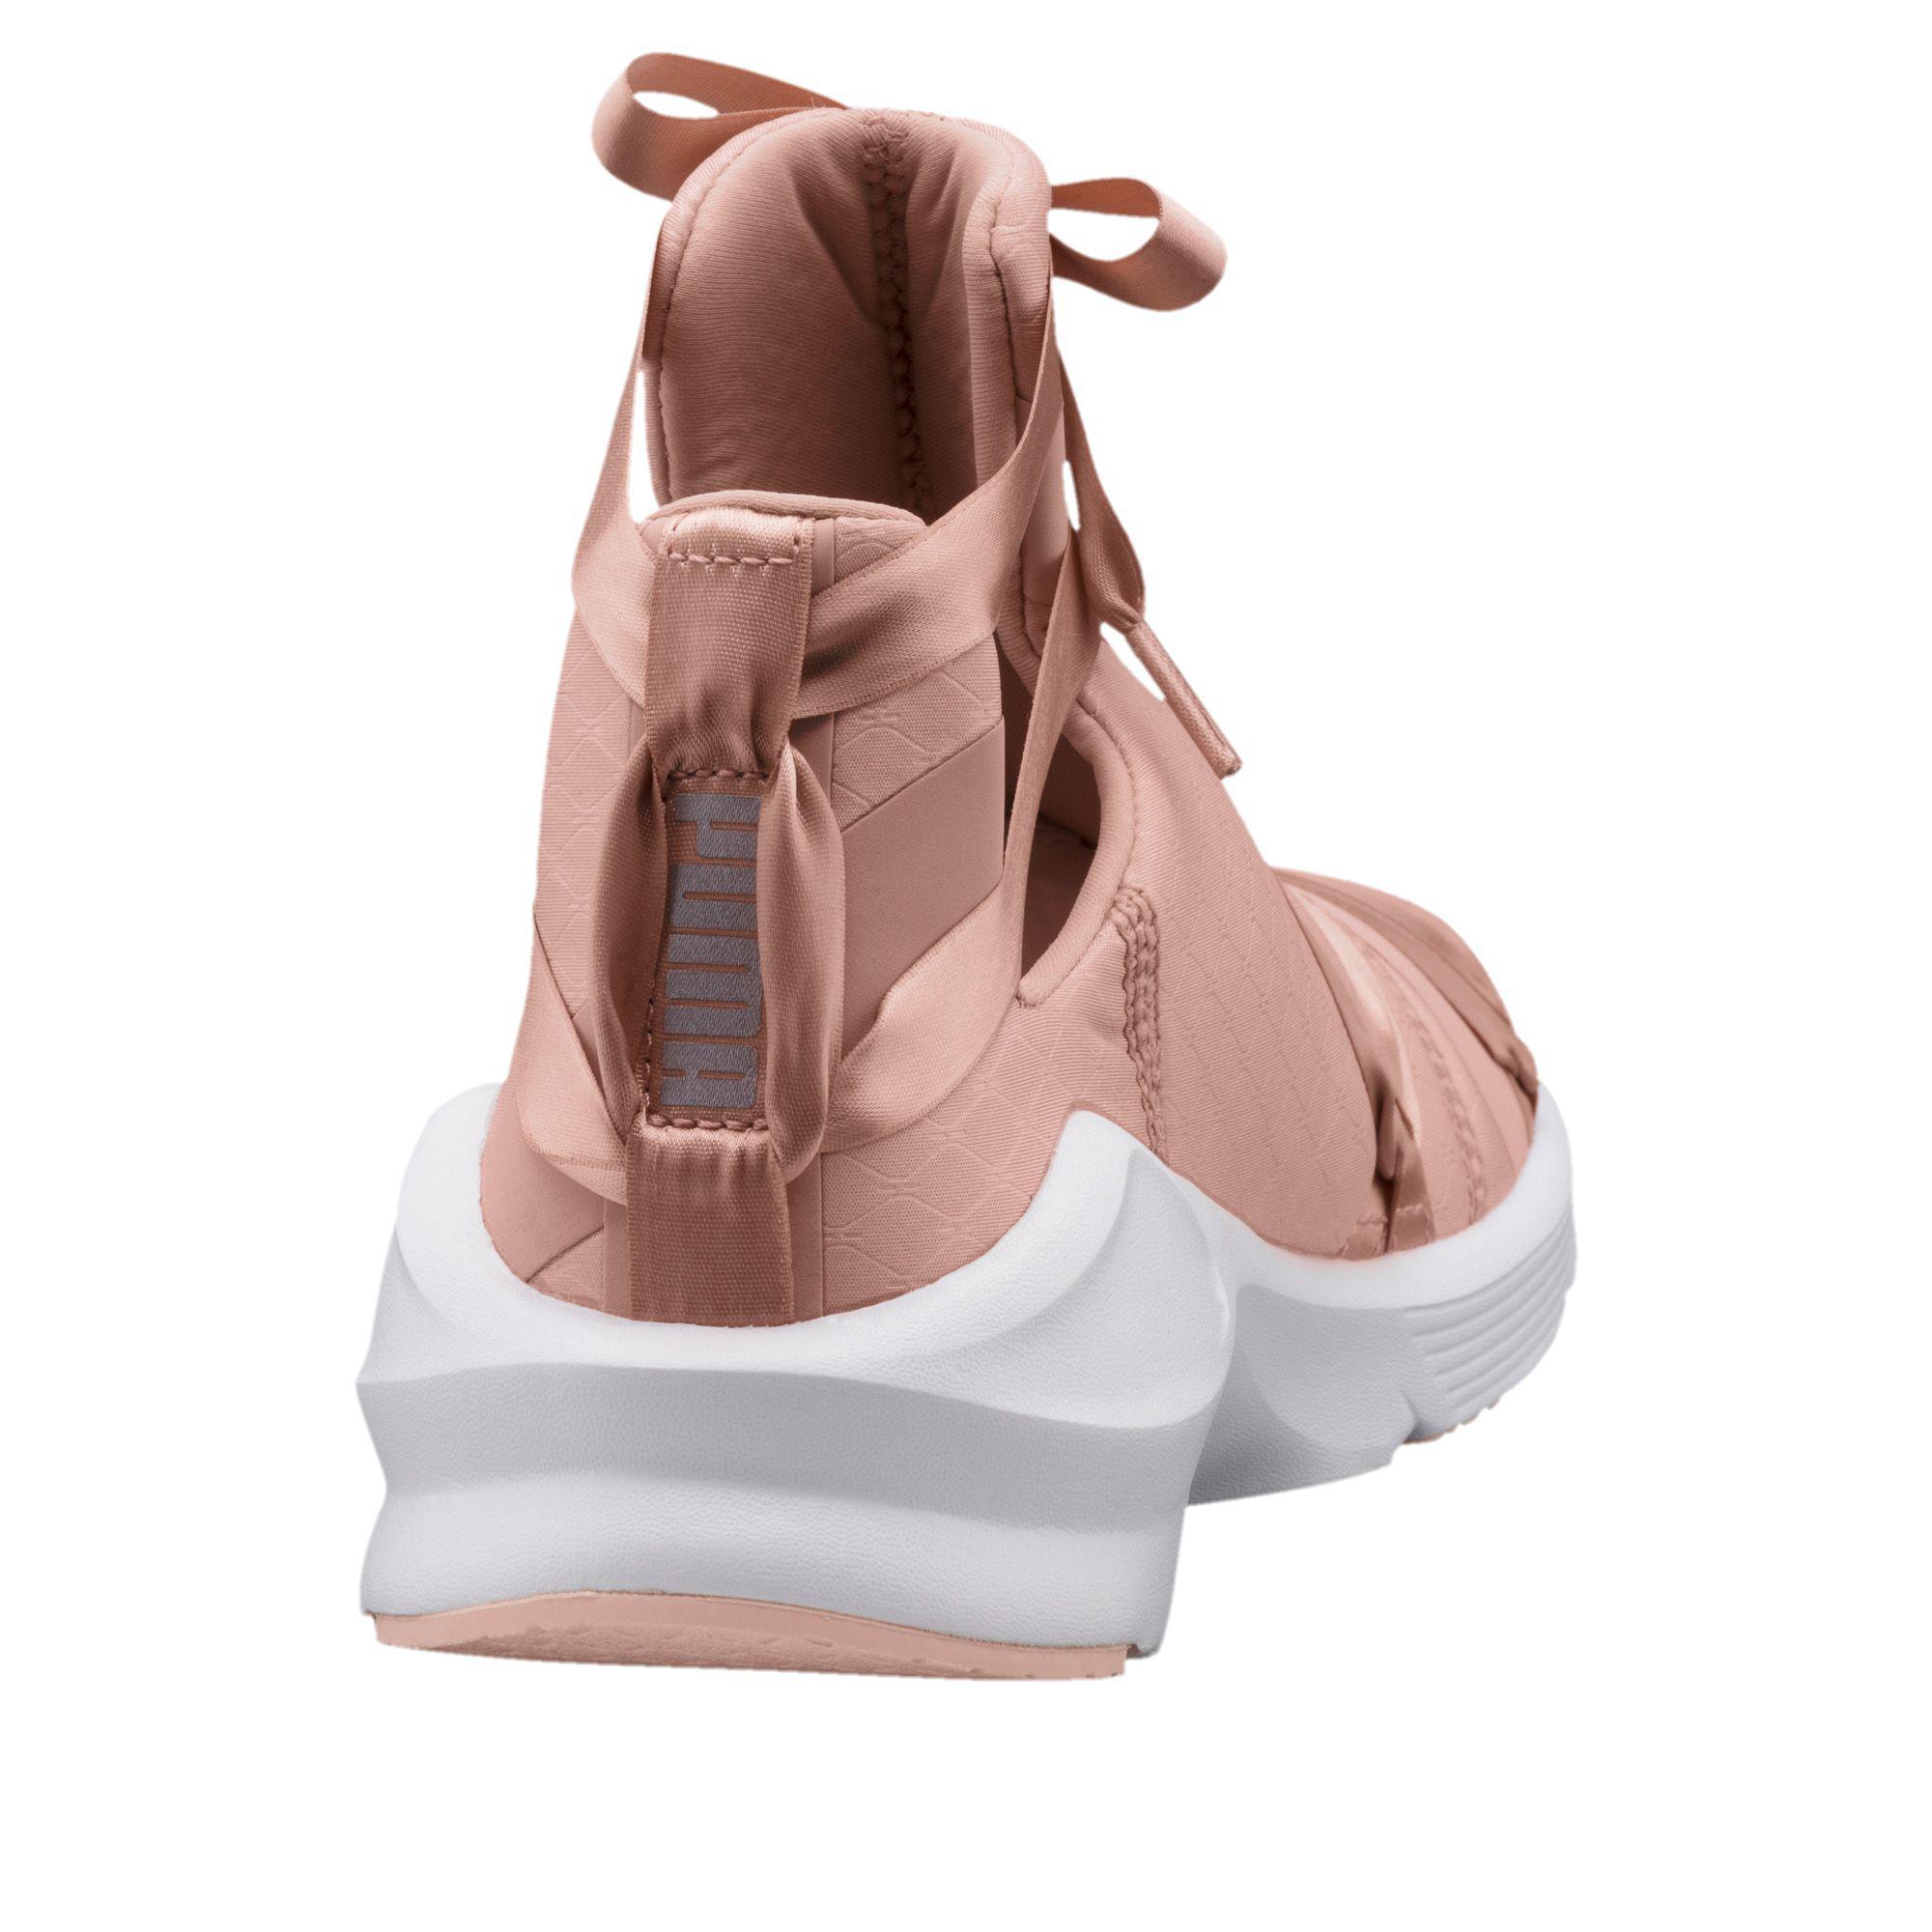 Puma Women's Fierce Rope Satin En Pointe High Top Sneaker